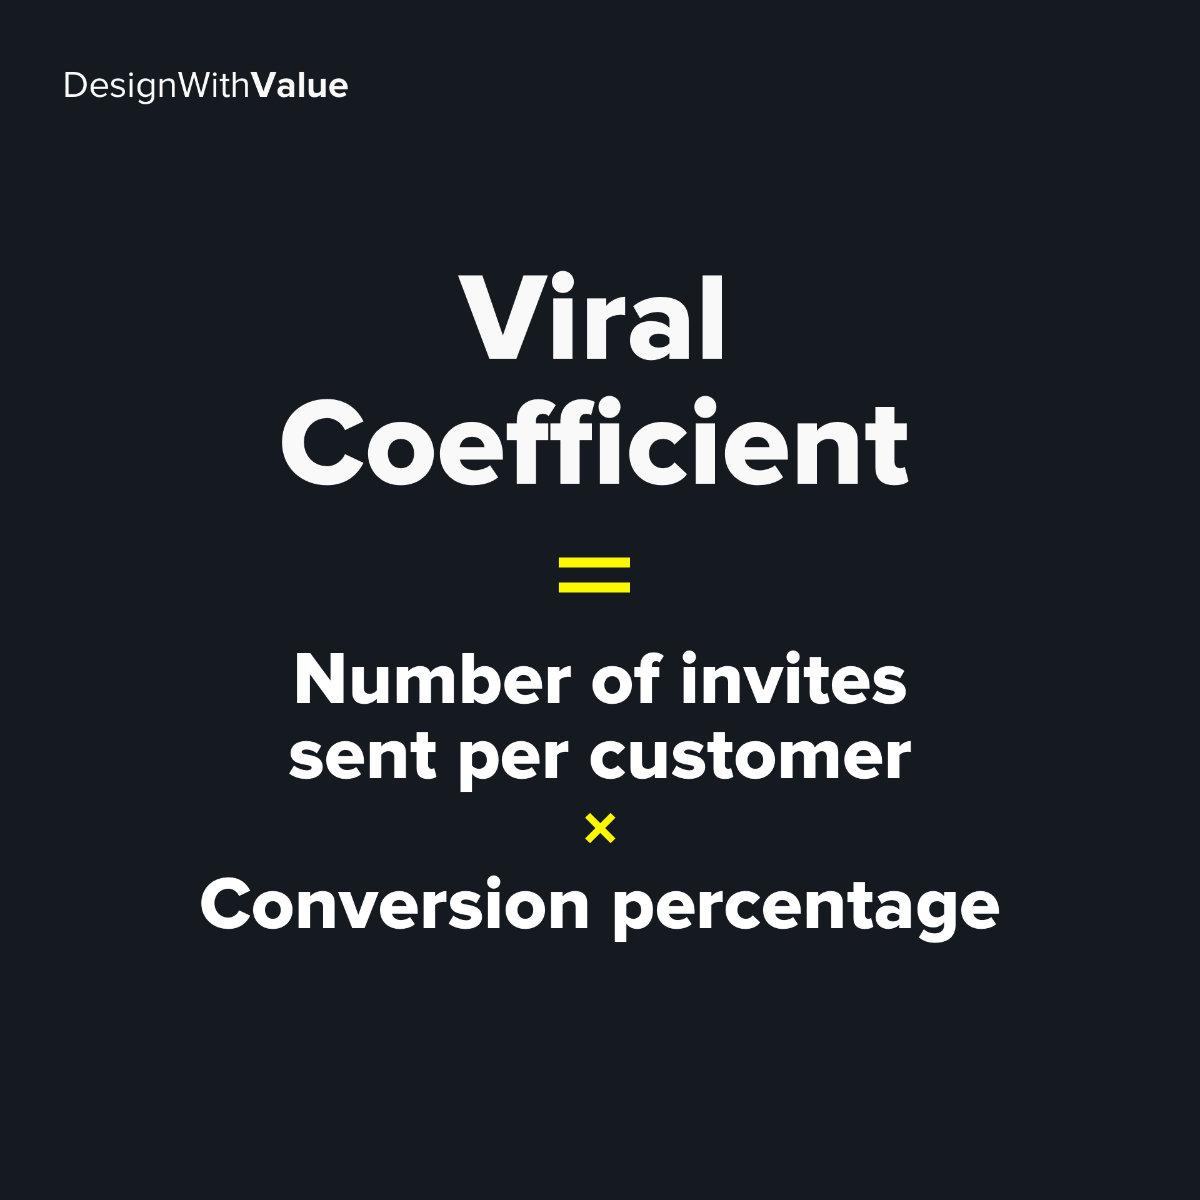 Viral coefficient calculation